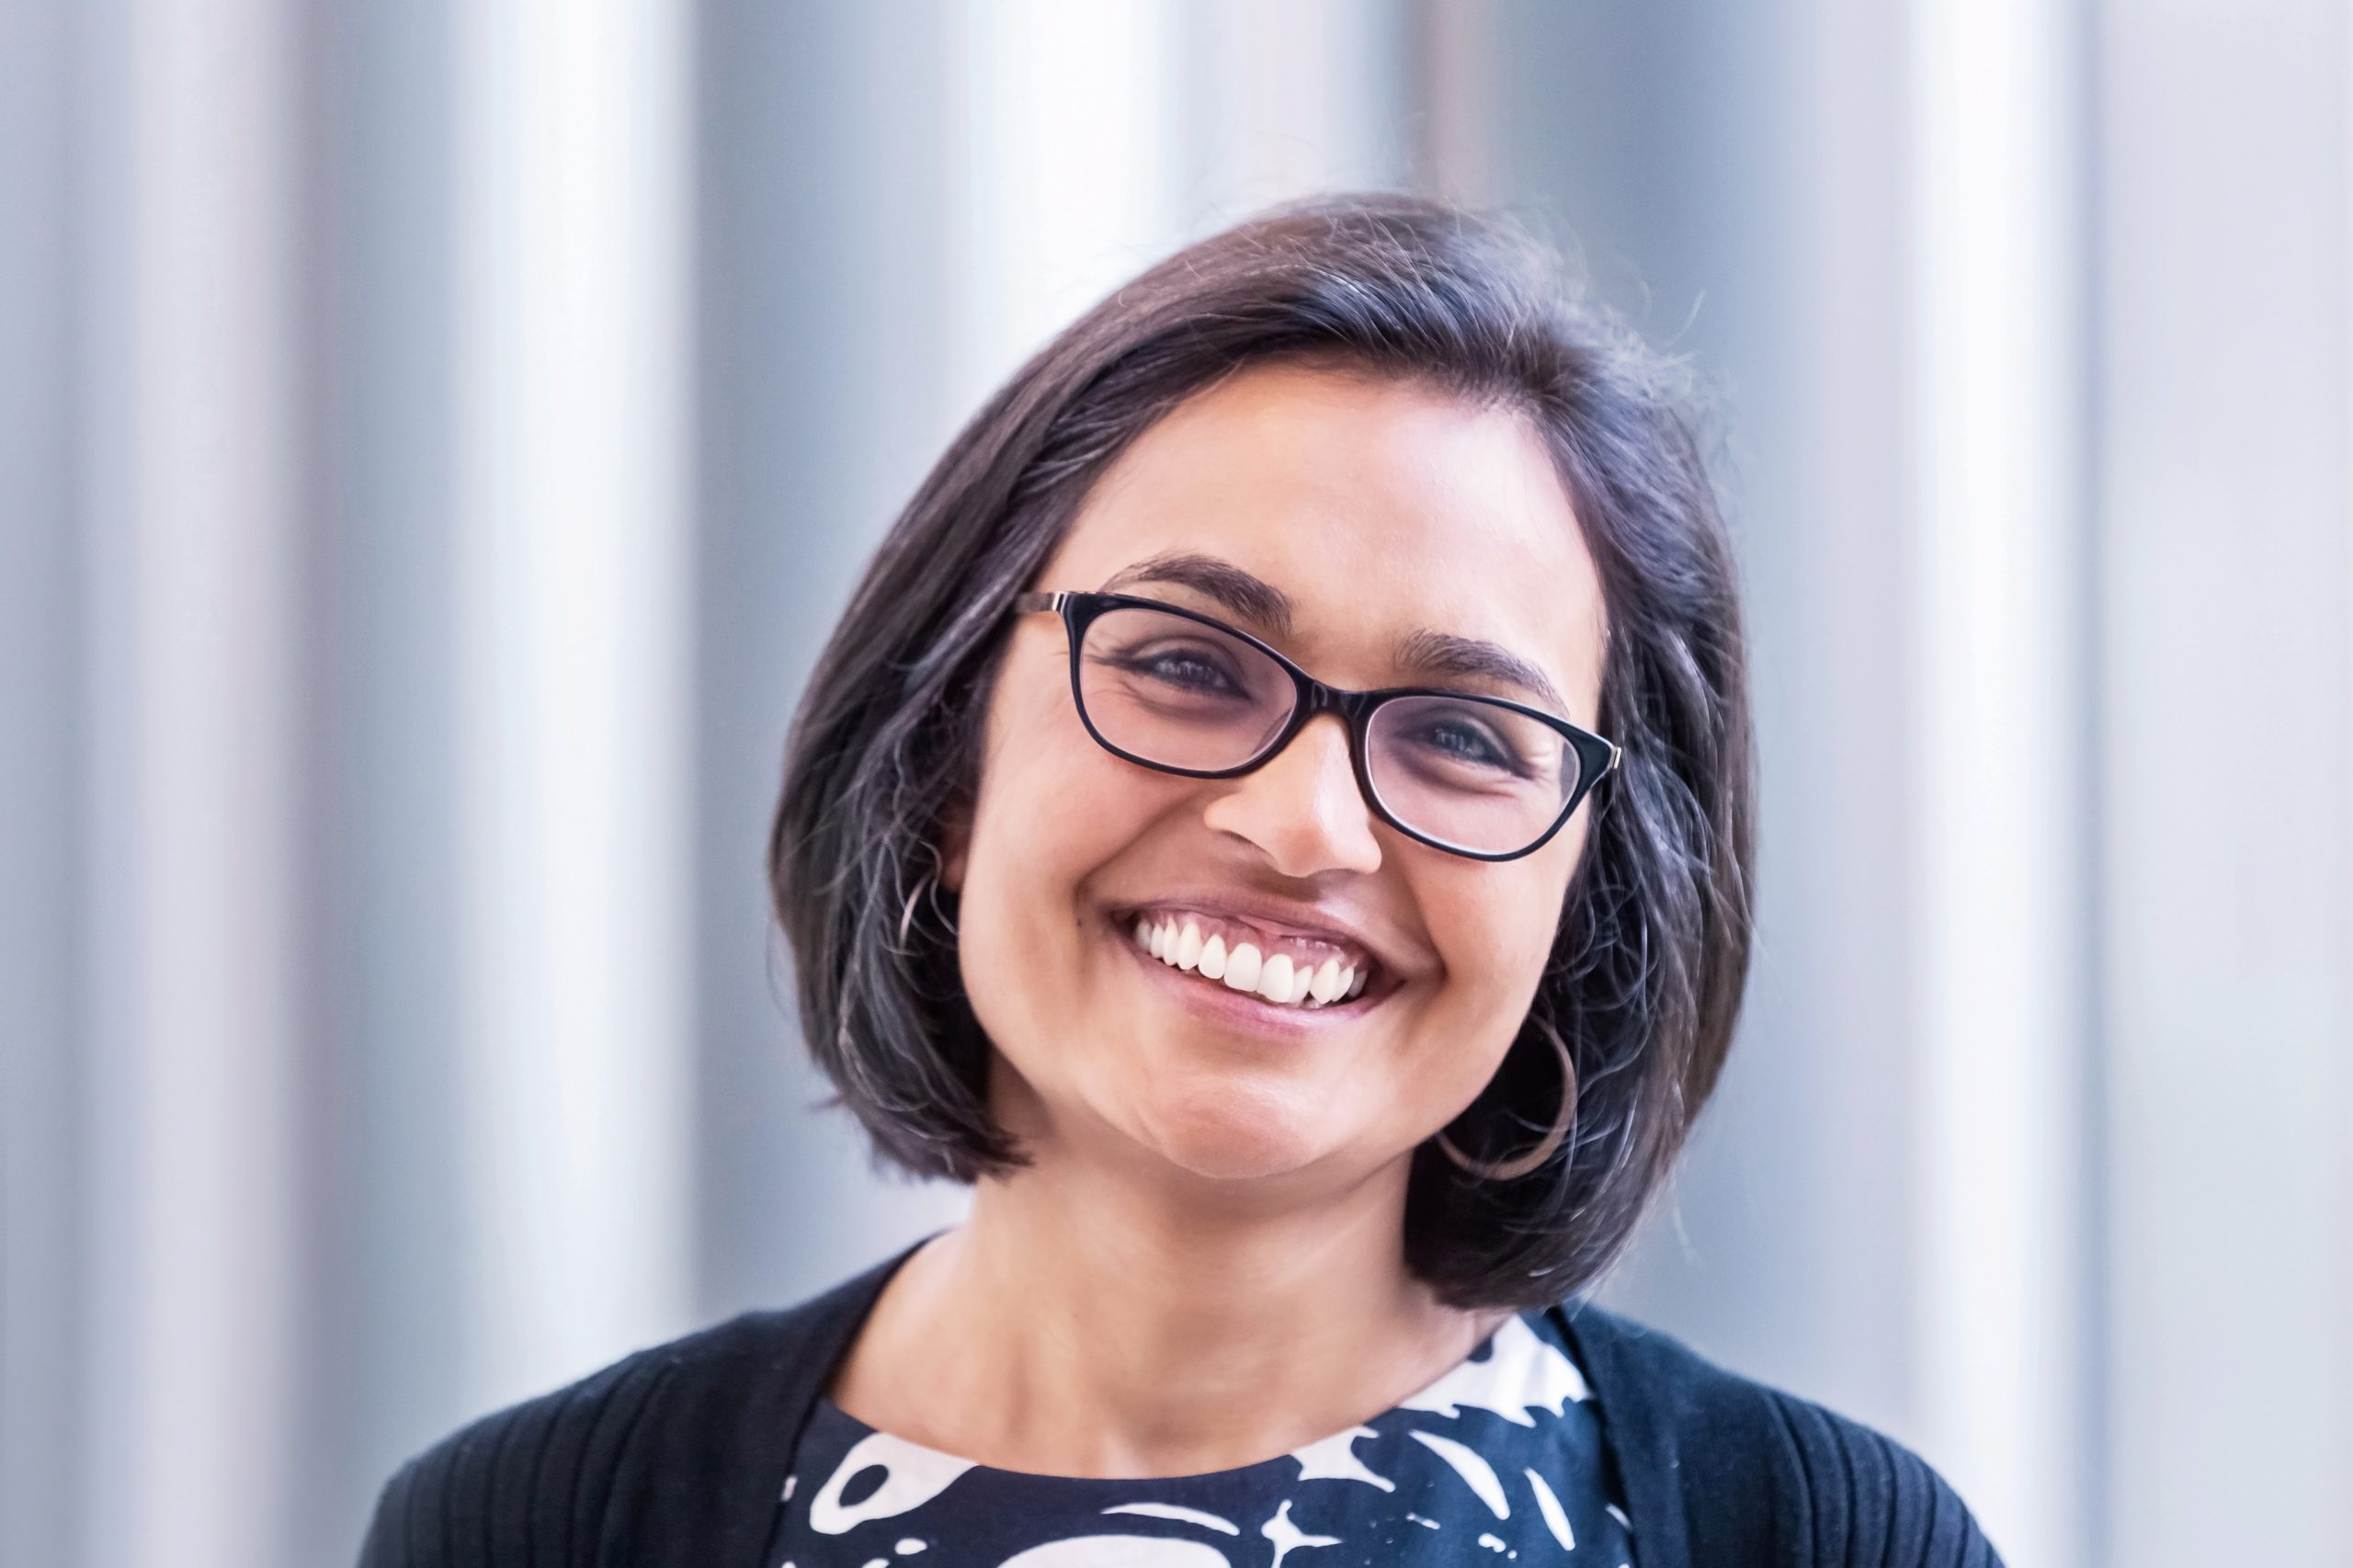 Dr. Shireen Kassam